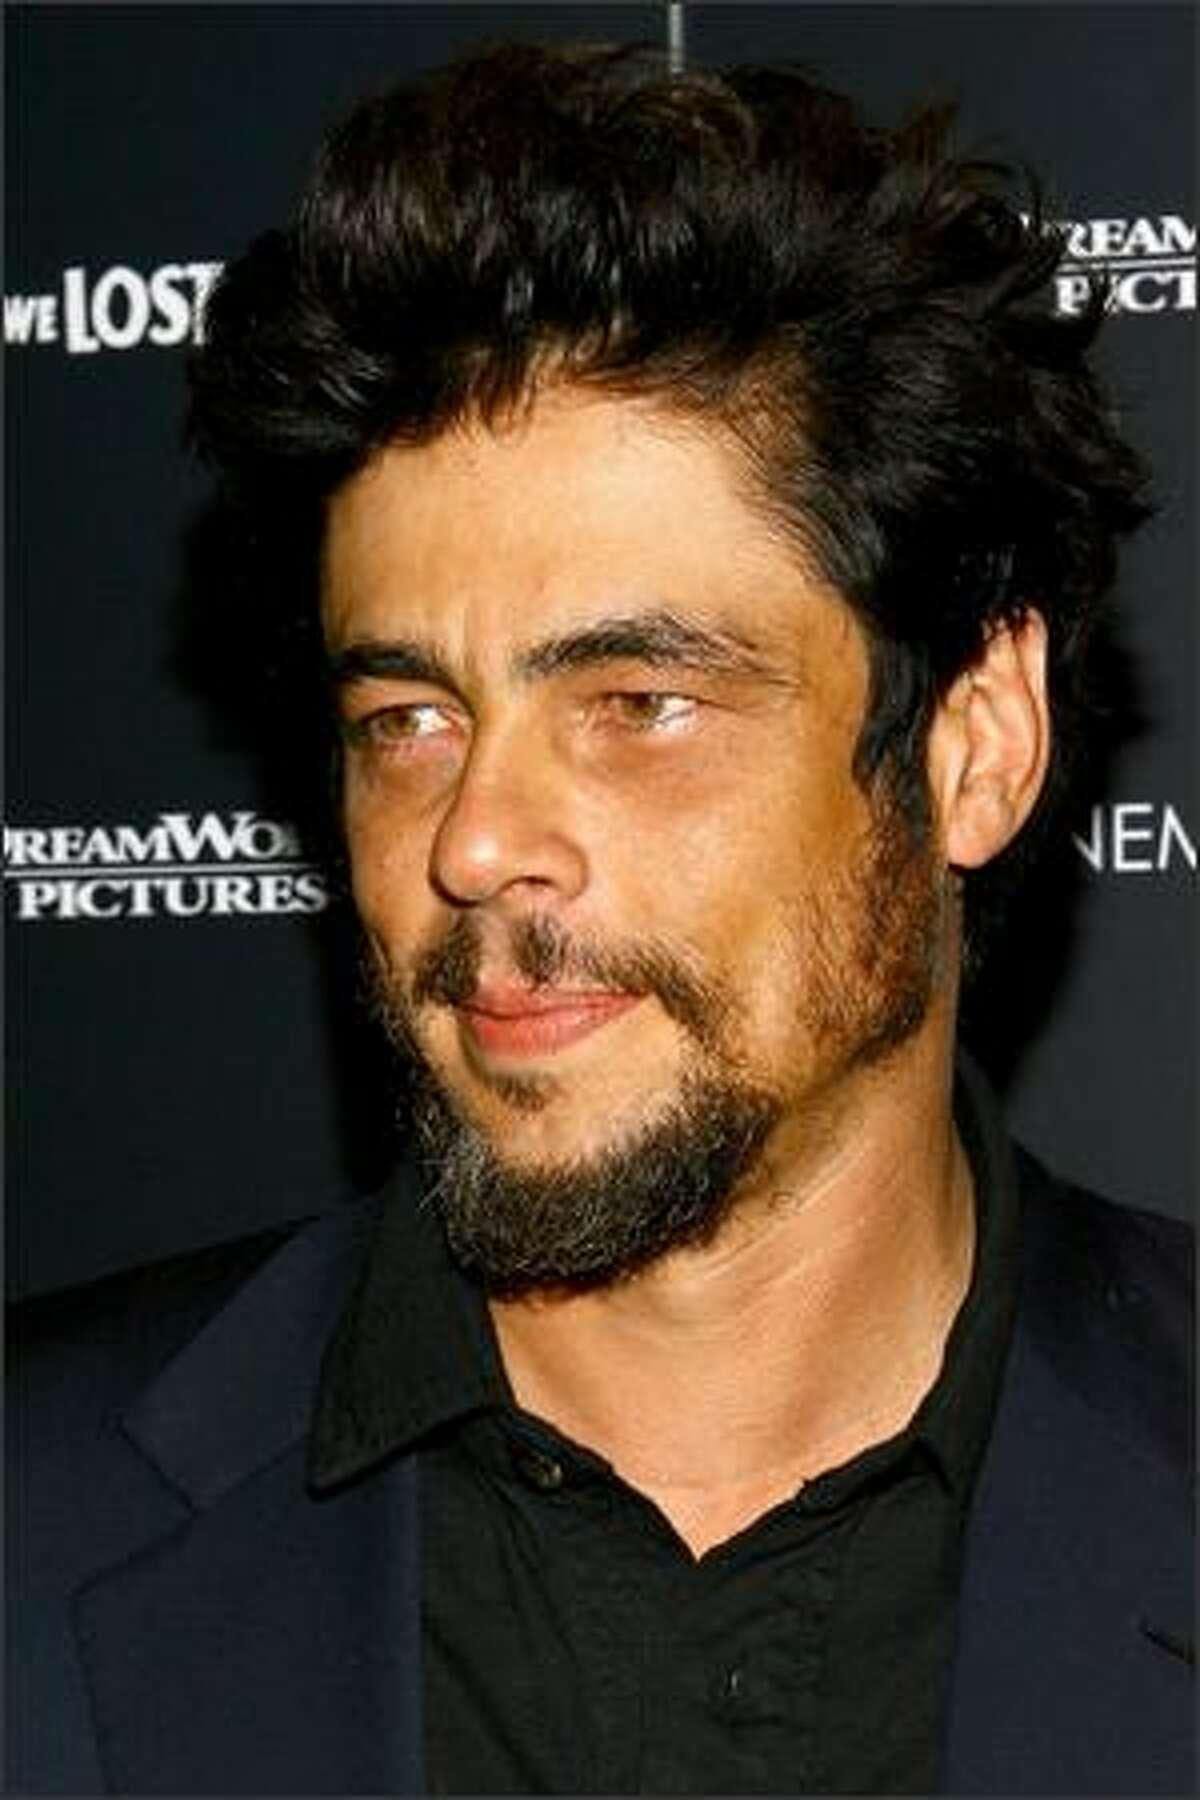 Actor Benicio Del Toro attends the premiere of